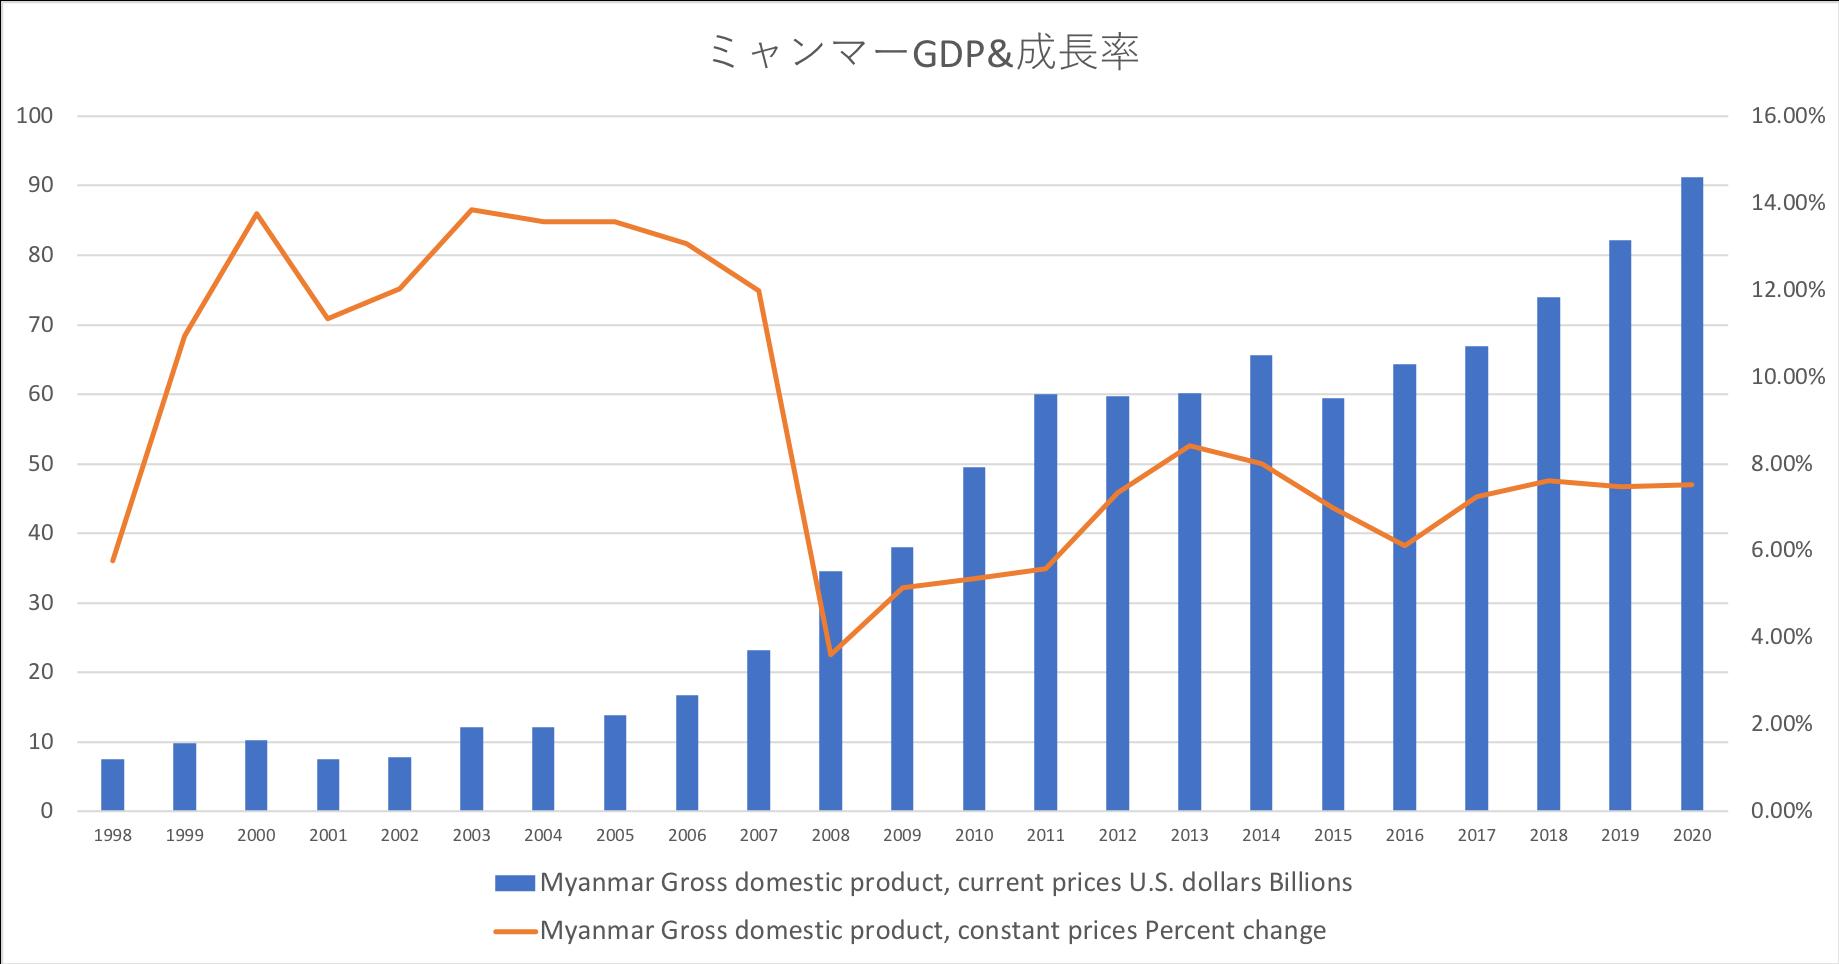 ミャンマーGDP&成長率